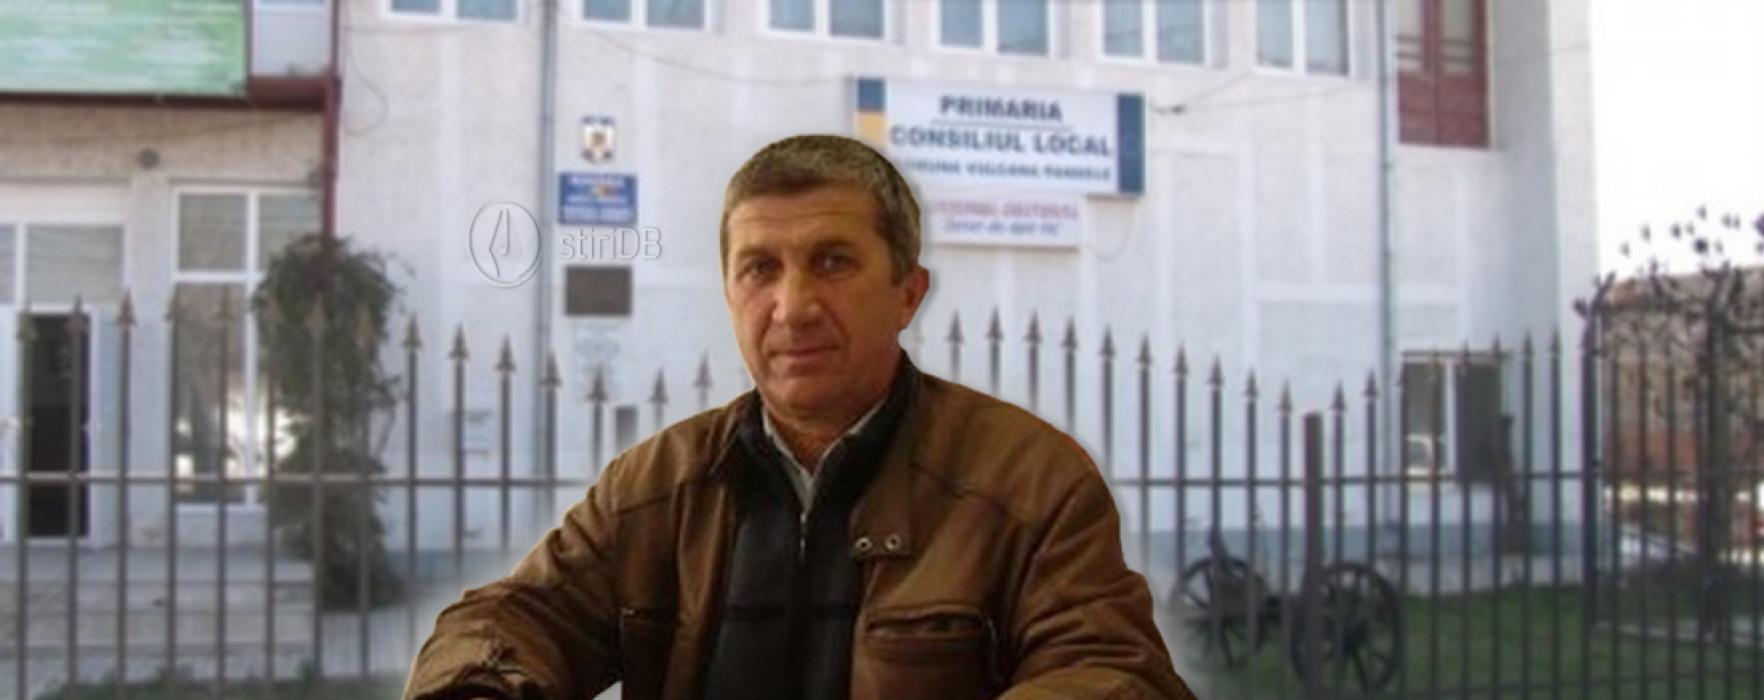 Mandatul primarului din Vulcana Pandele a încetat după ce edilul a fost condamnat